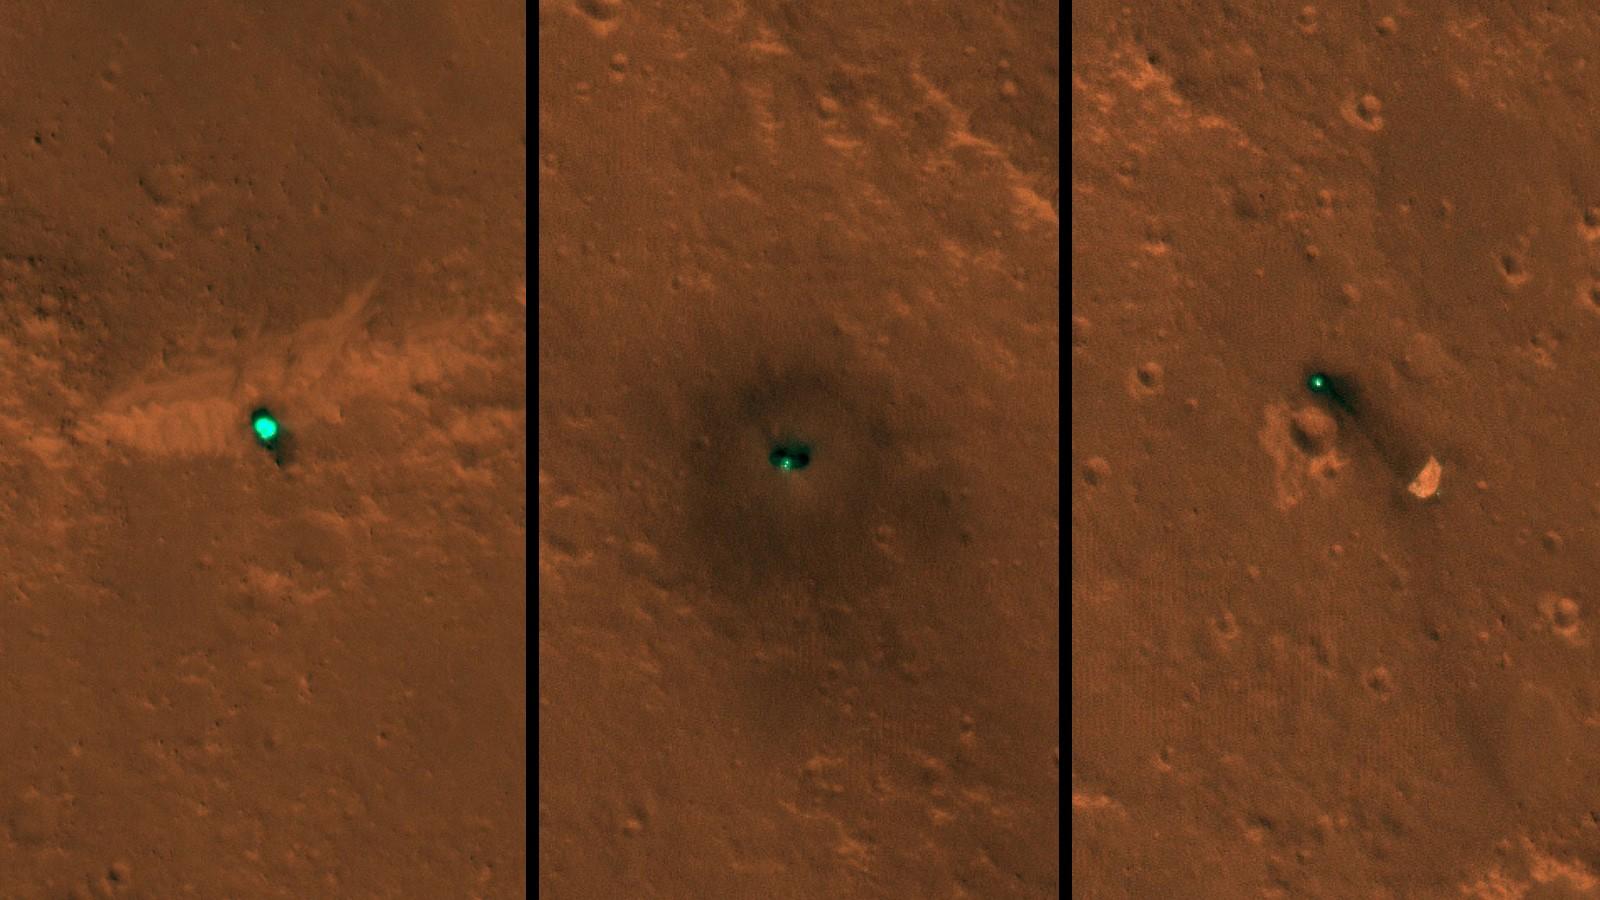 Imagens da MRO mostram a sonda InSight da NASA vista do espaço (Foto: NASA/JPL-Caltech/University of Arizona)